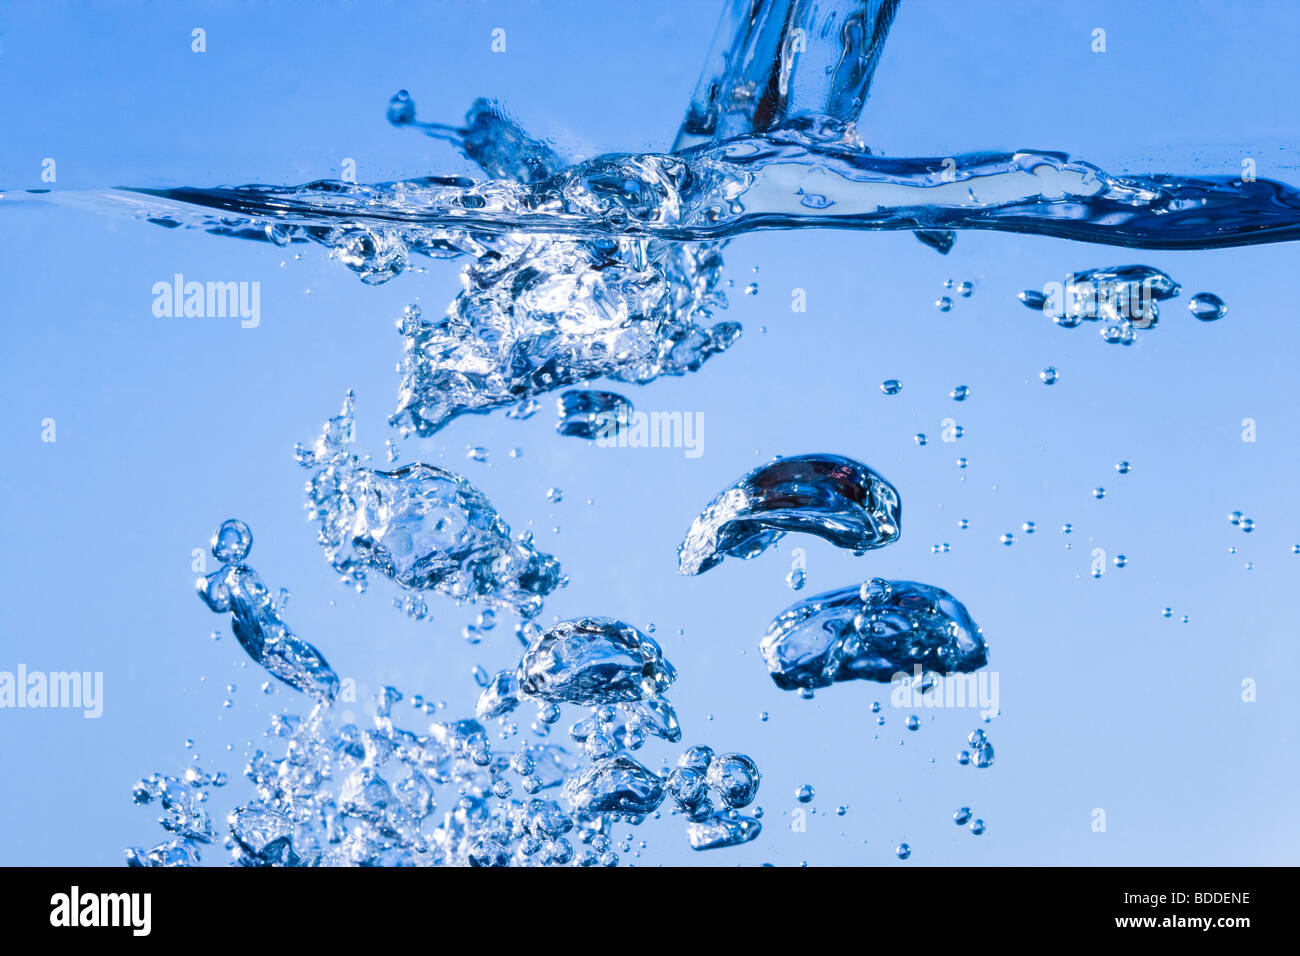 Verser de l'eau créant des bulles sous la surface Photo Stock